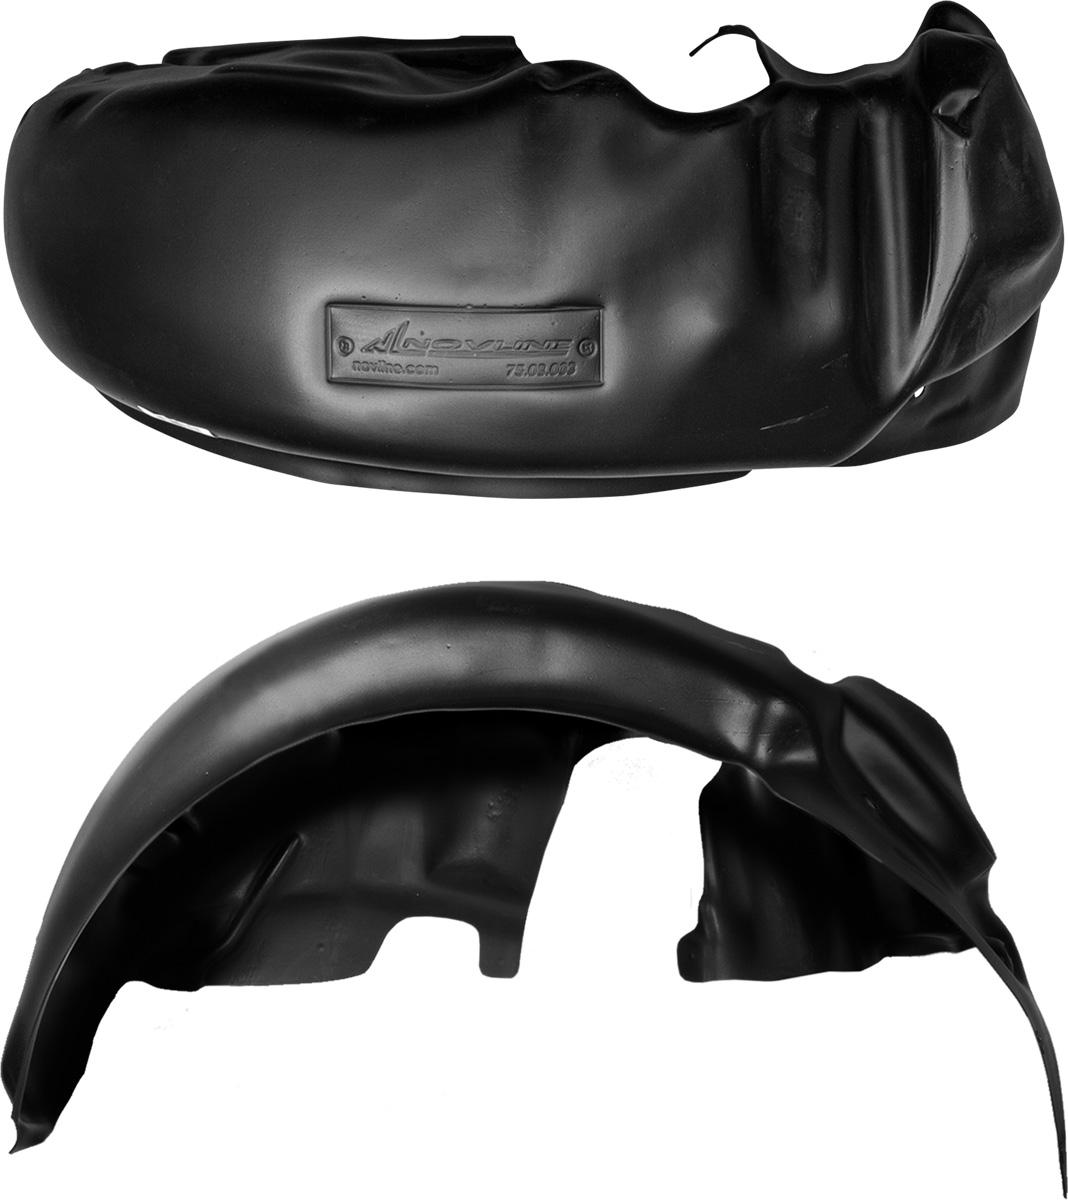 Подкрылок HYUNDAI Solaris, 2010-2014, хэтчбек, задний левыйNLL.20.42.003Колесные ниши – одни из самых уязвимых зон днища вашего автомобиля. Они постоянно подвергаются воздействию со стороны дороги. Лучшая, почти абсолютная защита для них - специально отформованные пластиковые кожухи, которые называются подкрылками, или локерами. Производятся они как для отечественных моделей автомобилей, так и для иномарок. Подкрылки выполнены из высококачественного, экологически чистого пластика. Обеспечивают надежную защиту кузова автомобиля от пескоструйного эффекта и негативного влияния, агрессивных антигололедных реагентов. Пластик обладает более низкой теплопроводностью, чем металл, поэтому в зимний период эксплуатации использование пластиковых подкрылков позволяет лучше защитить колесные ниши от налипания снега и образования наледи. Оригинальность конструкции подчеркивает элегантность автомобиля, бережно защищает нанесенное на днище кузова антикоррозийное покрытие и позволяет осуществить крепление подкрылков внутри колесной арки практически без дополнительного...